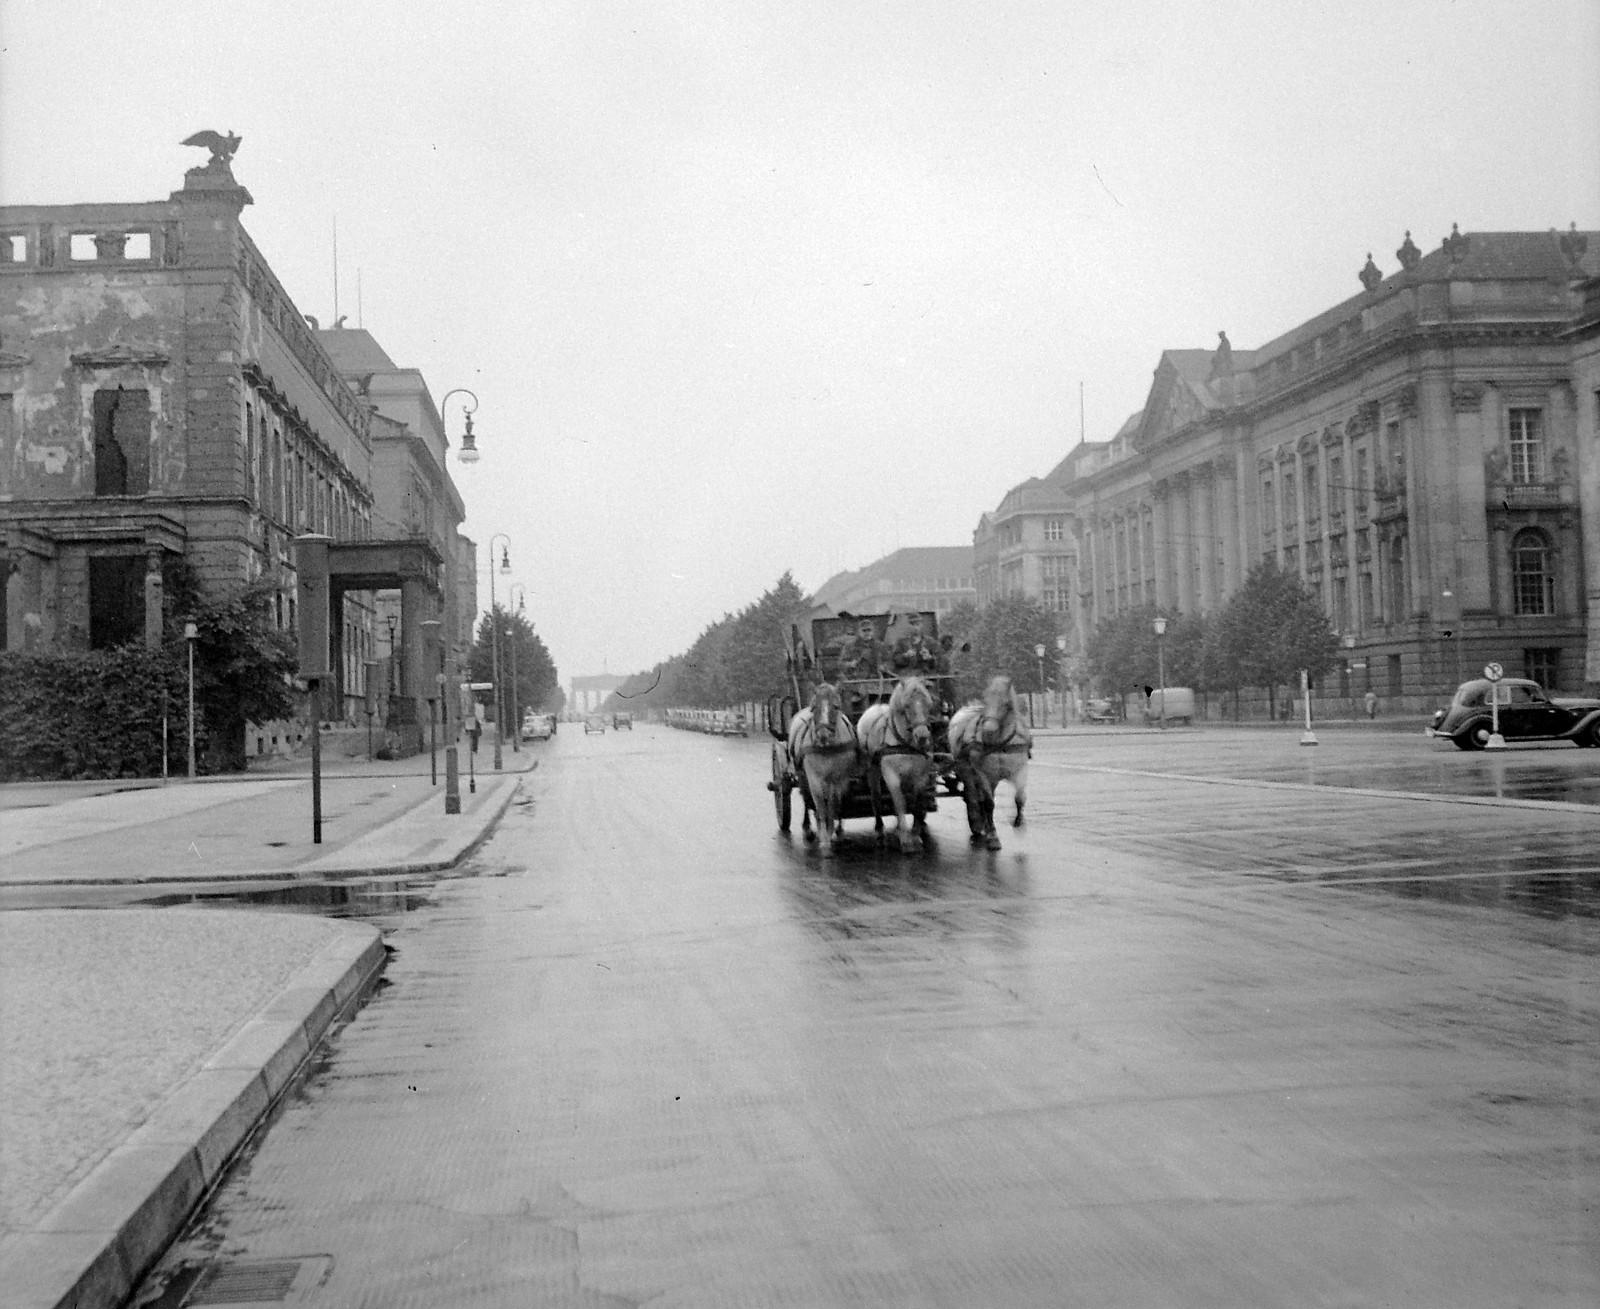 01. 1956. Восточный Берлин. Унтер-ден-Линден. На заднем плане Бранденбургские ворота.